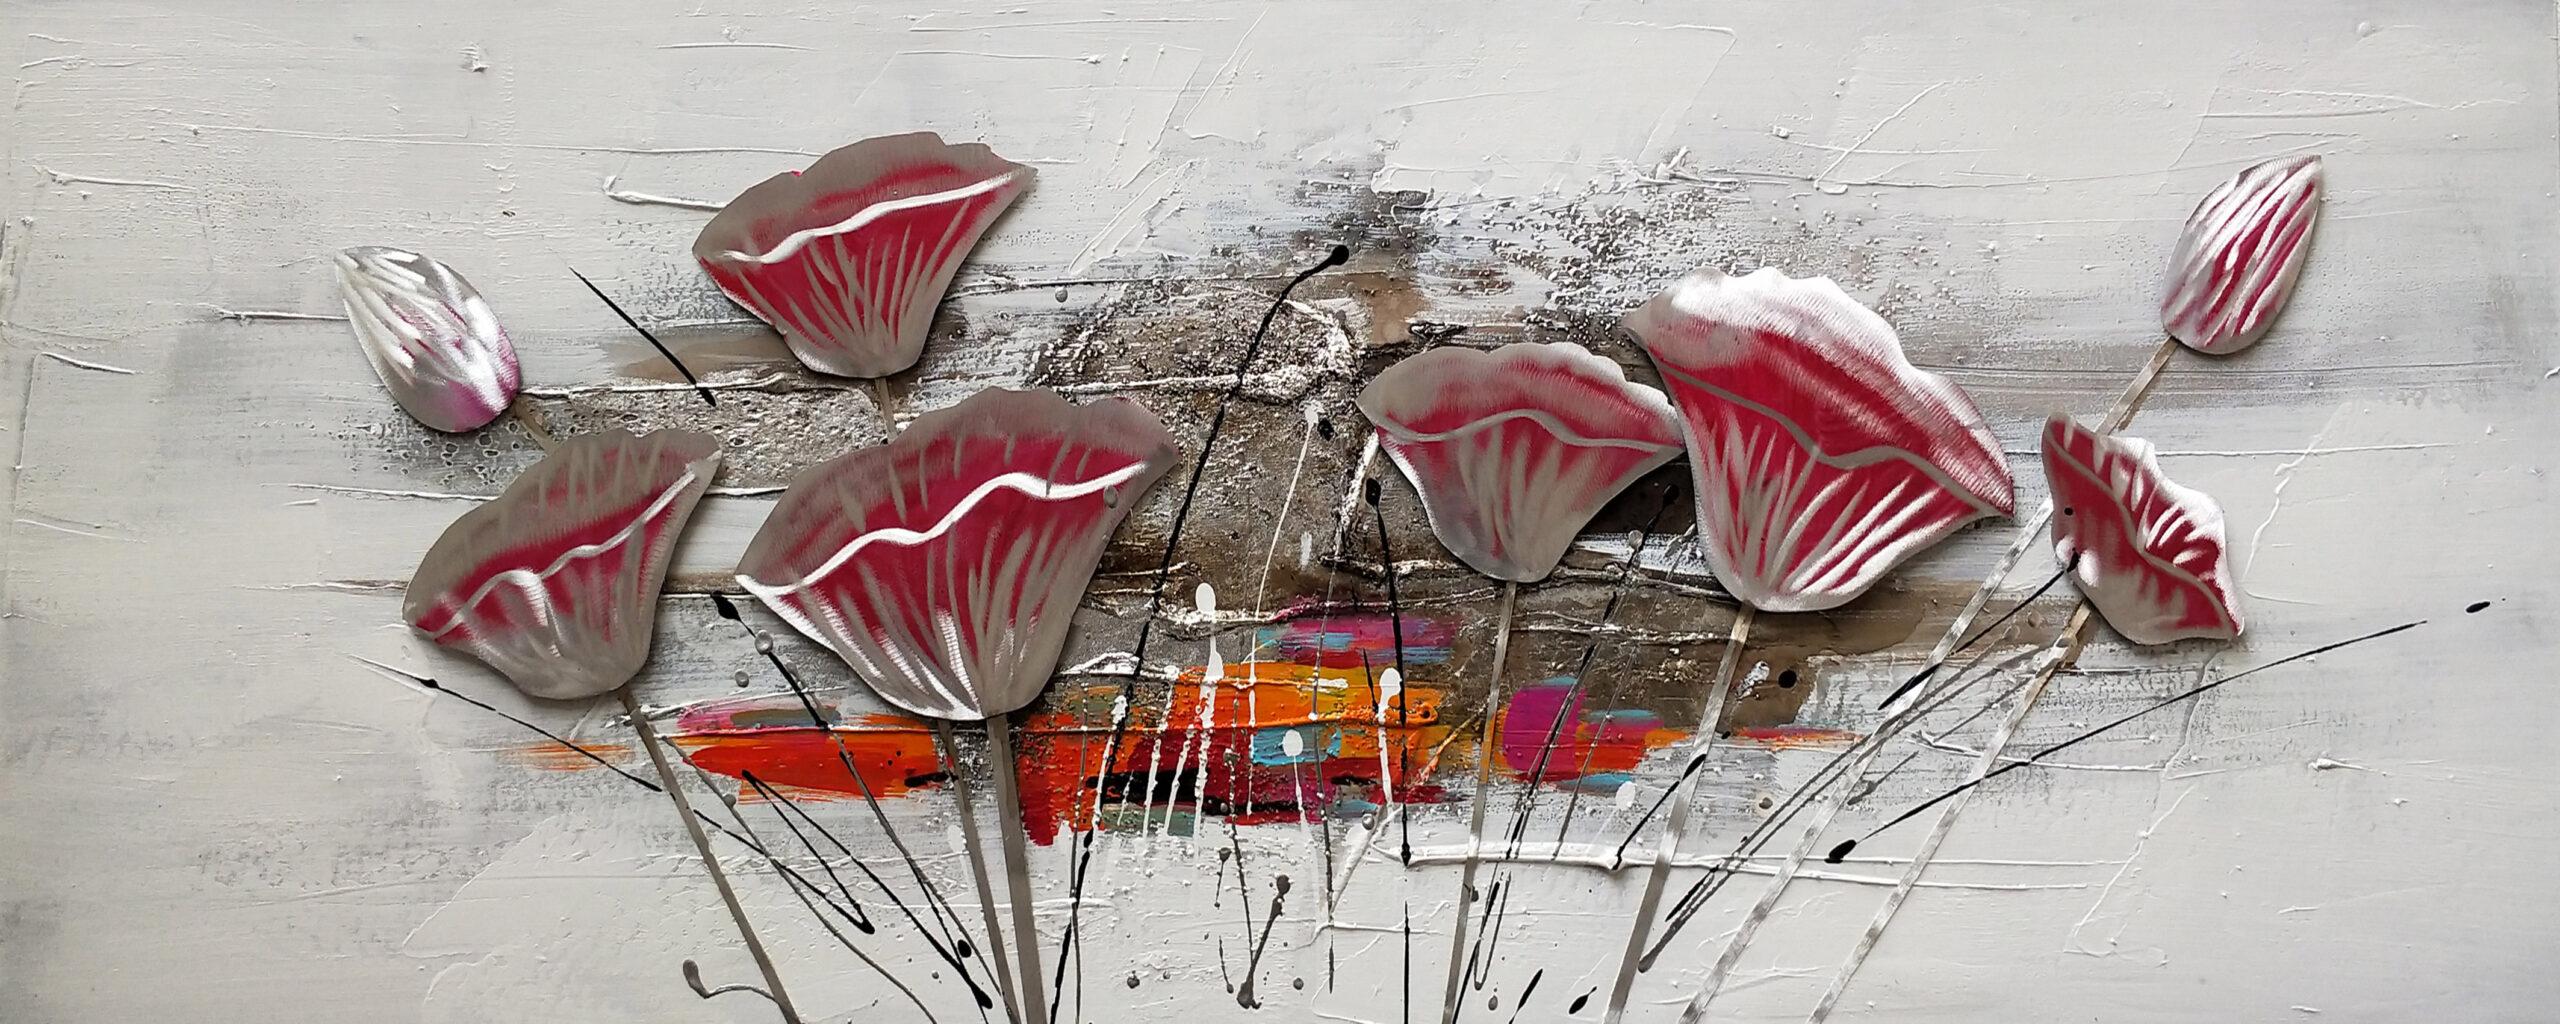 Schilderij Flowers and Splatters Bloemen Kleuren GS-P1071